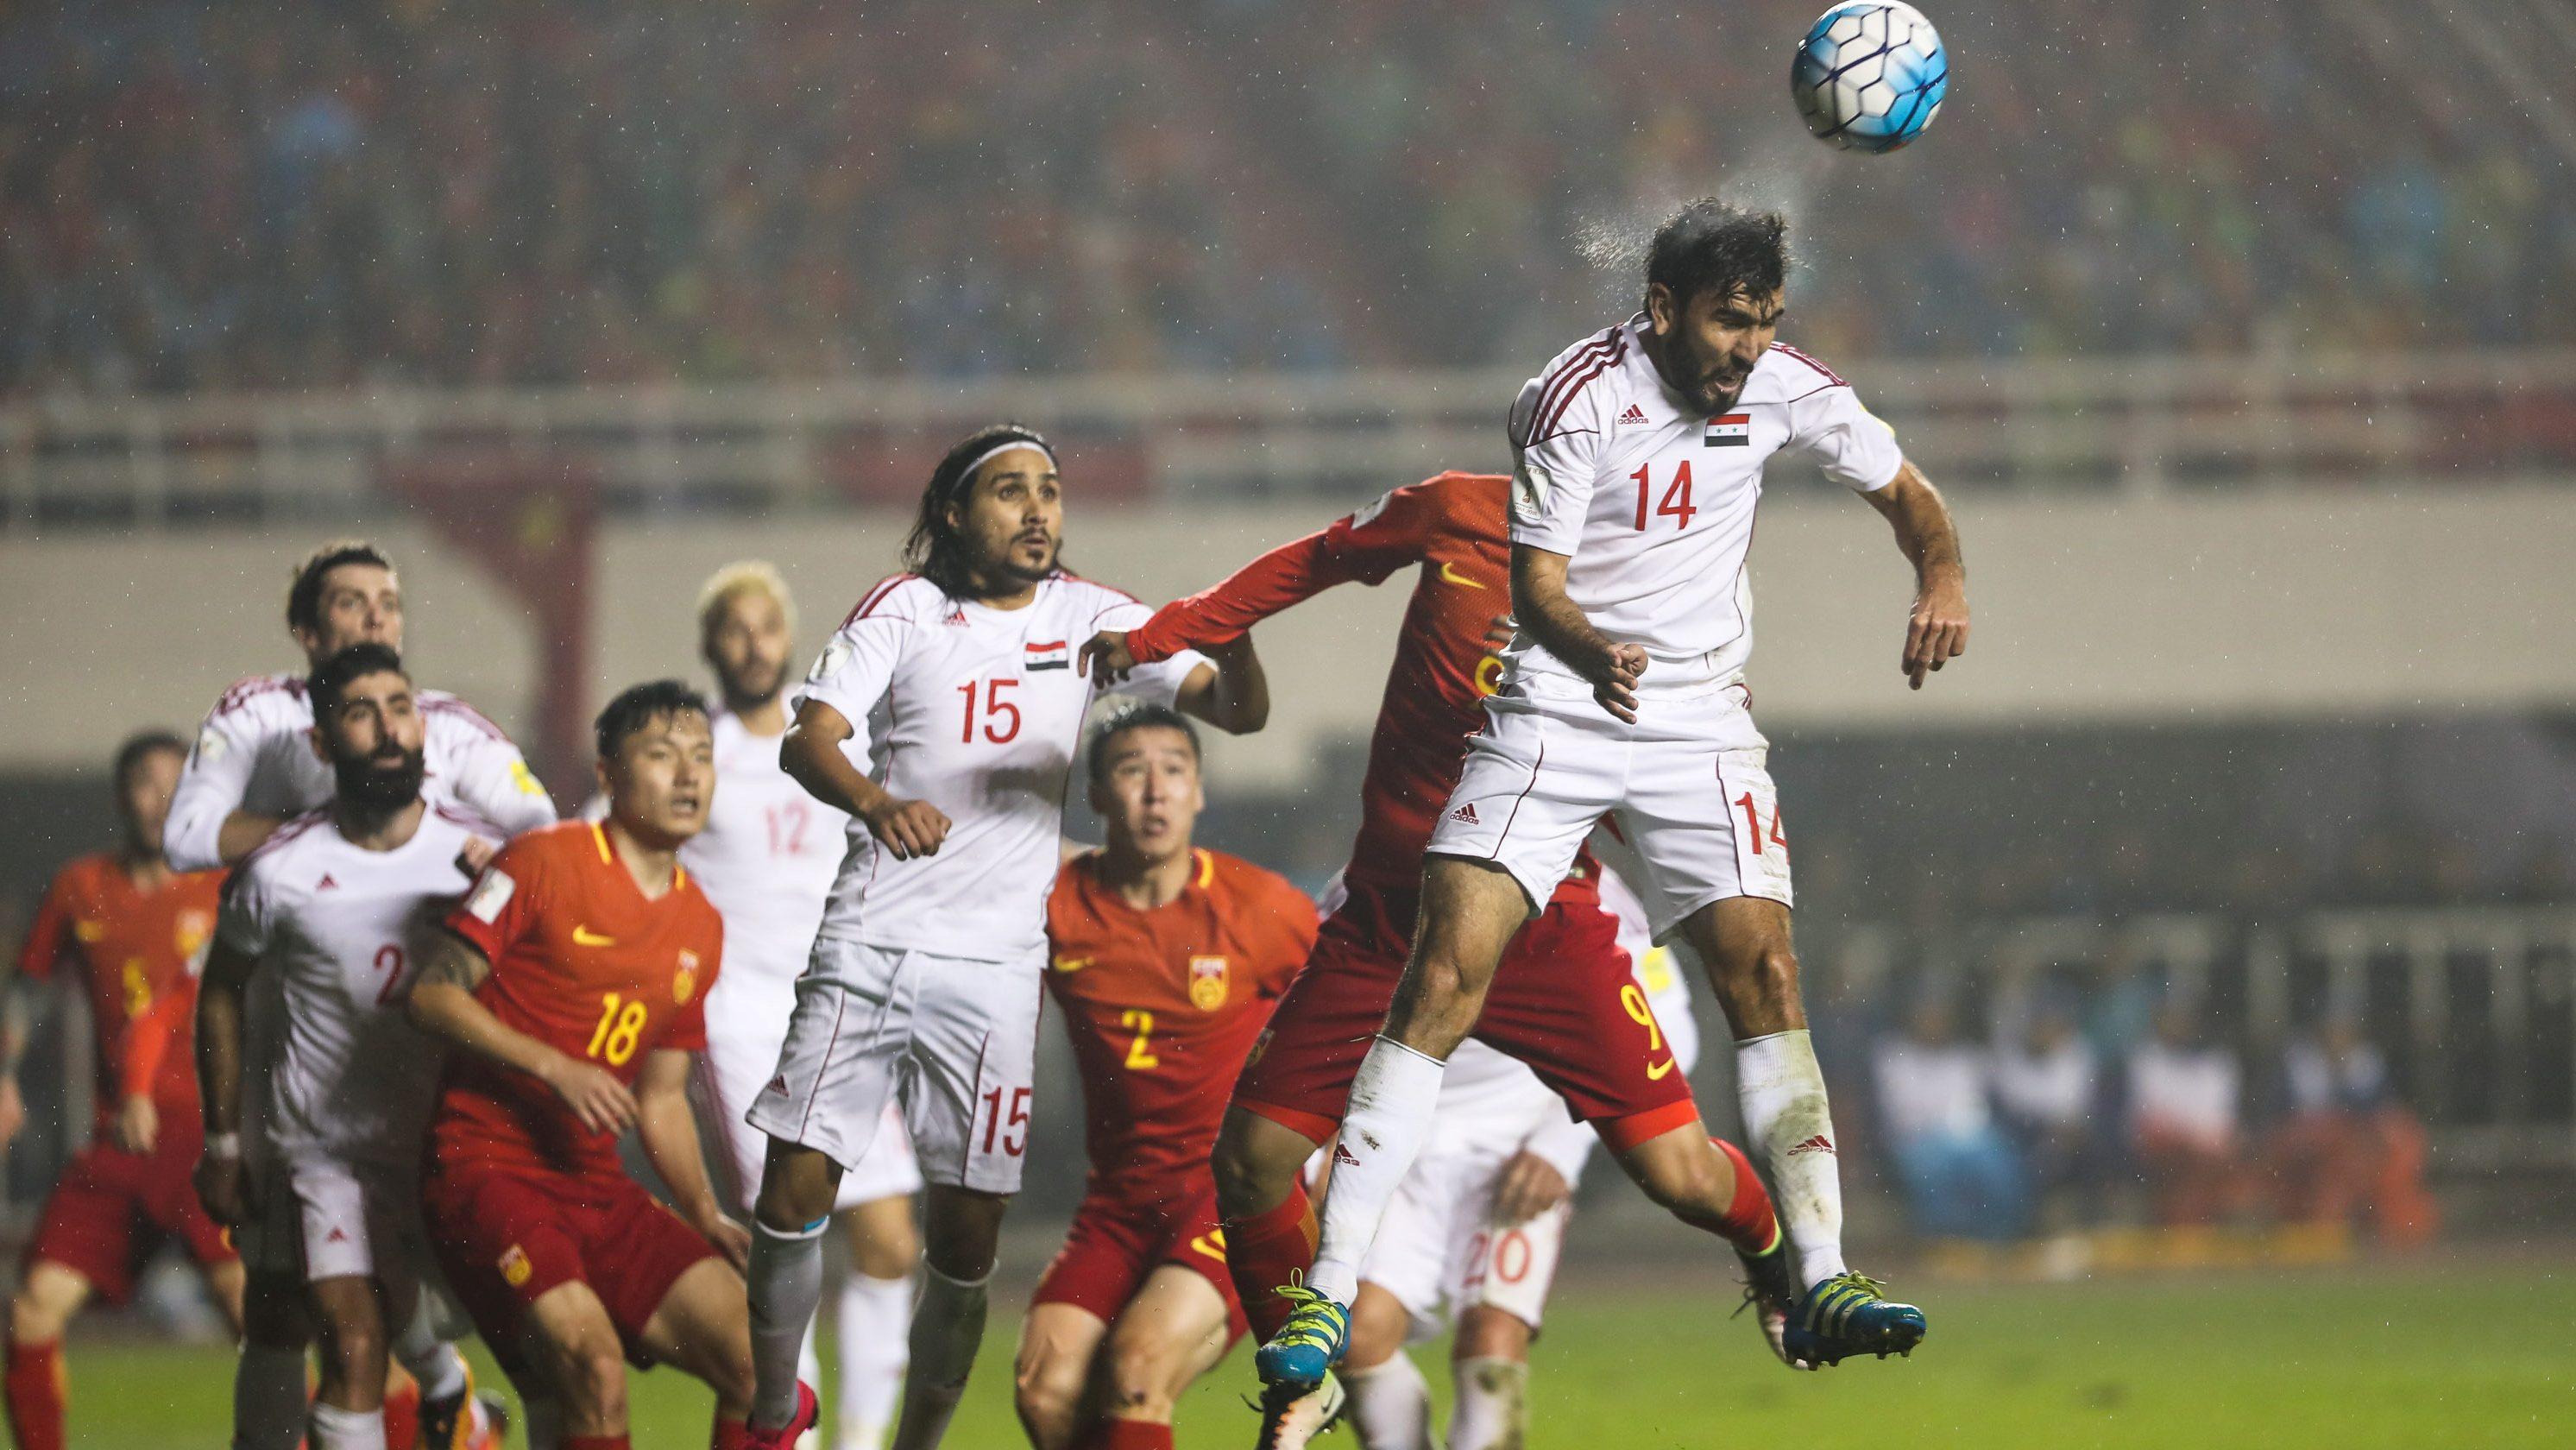 Must see China World Cup 2018 - china-football-team-2-e1475823132883  2018_19377 .jpg?quality\u003d80\u0026strip\u003dall\u0026w\u003d2985